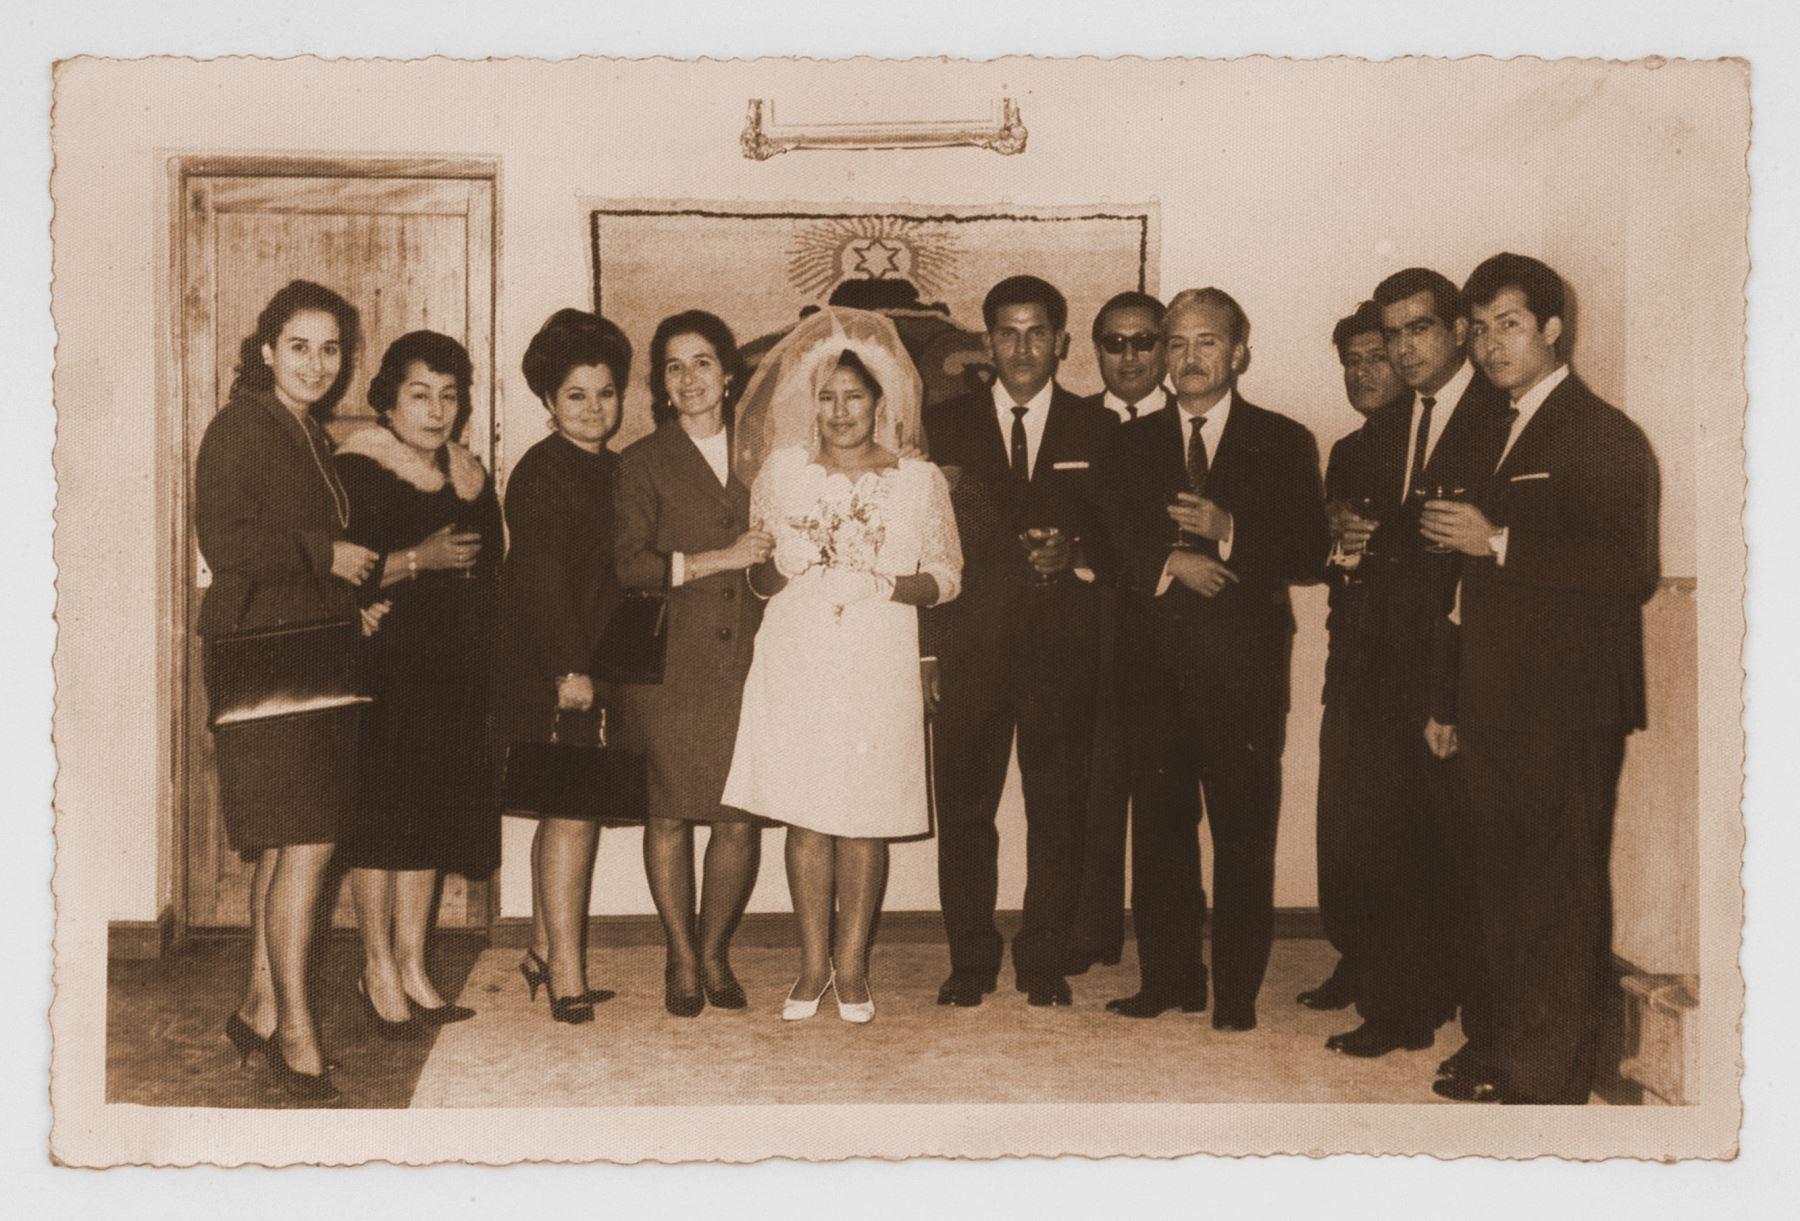 José María Arguedas, padrino de bodas. Foto: archivo particular de Ítalo Sifuentes.